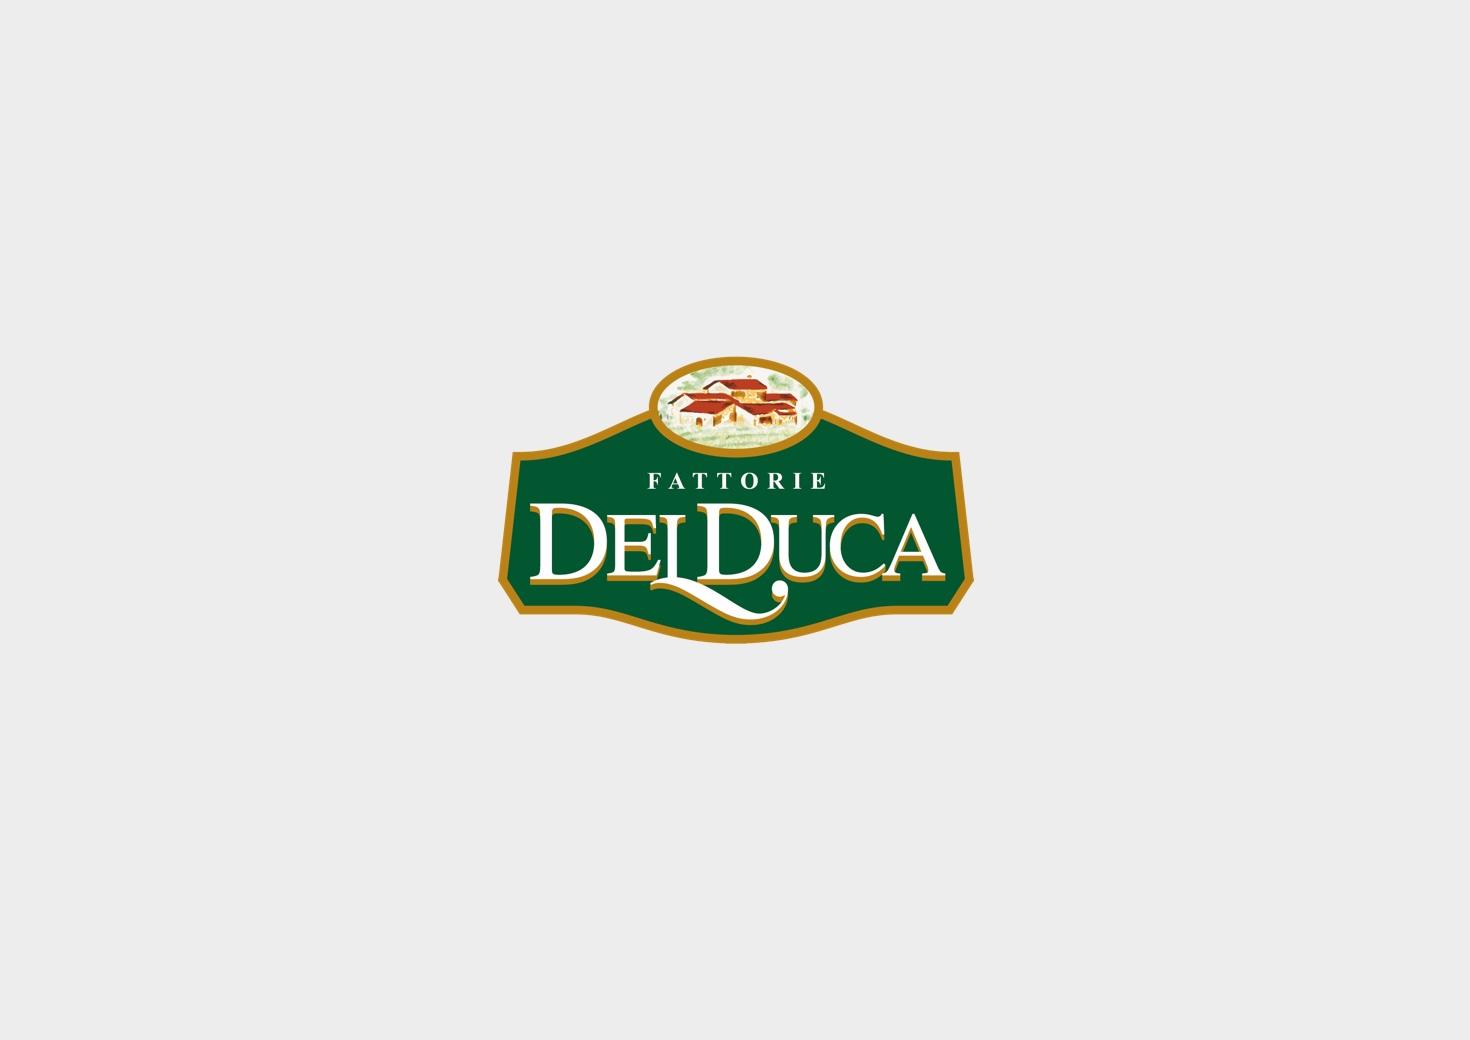 delduca_2